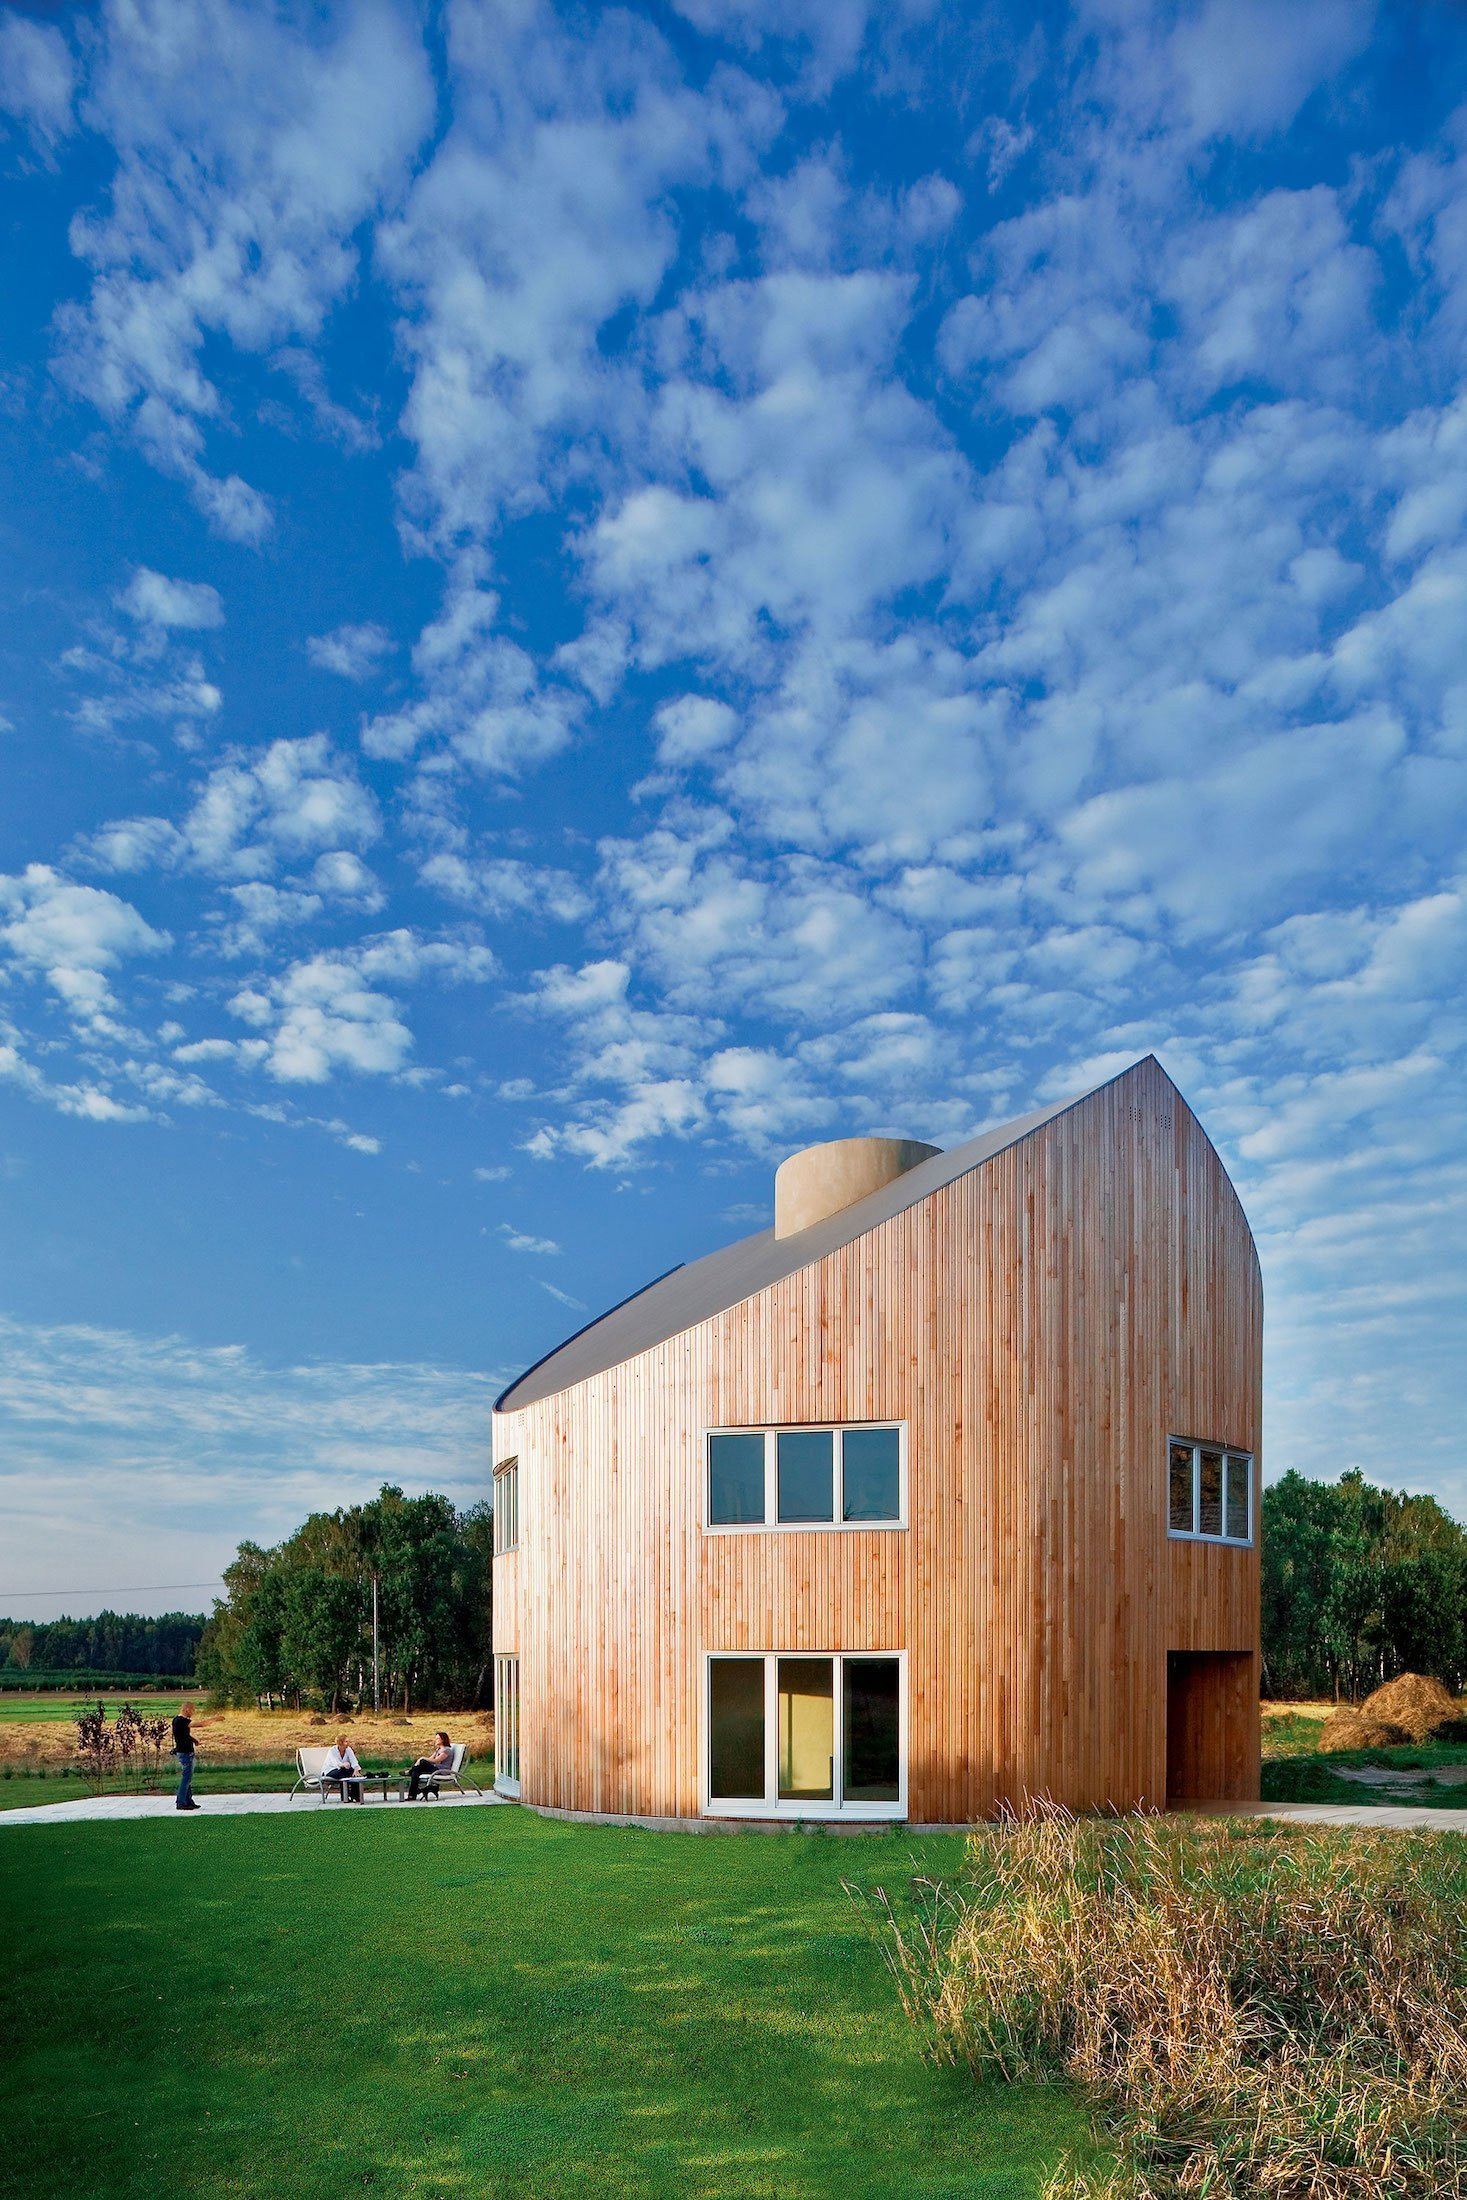 Naše dnešní cesta za architekturou vede do Polska. Kousek od města Pština tam na přání manželského páru vyrostl pozoruhodný kulatý dům. Tato univerzální dřevostavba je úžasná v tom, že může stát prakticky kdekoliv a ještě je působivým architektonickým výstřelkem.